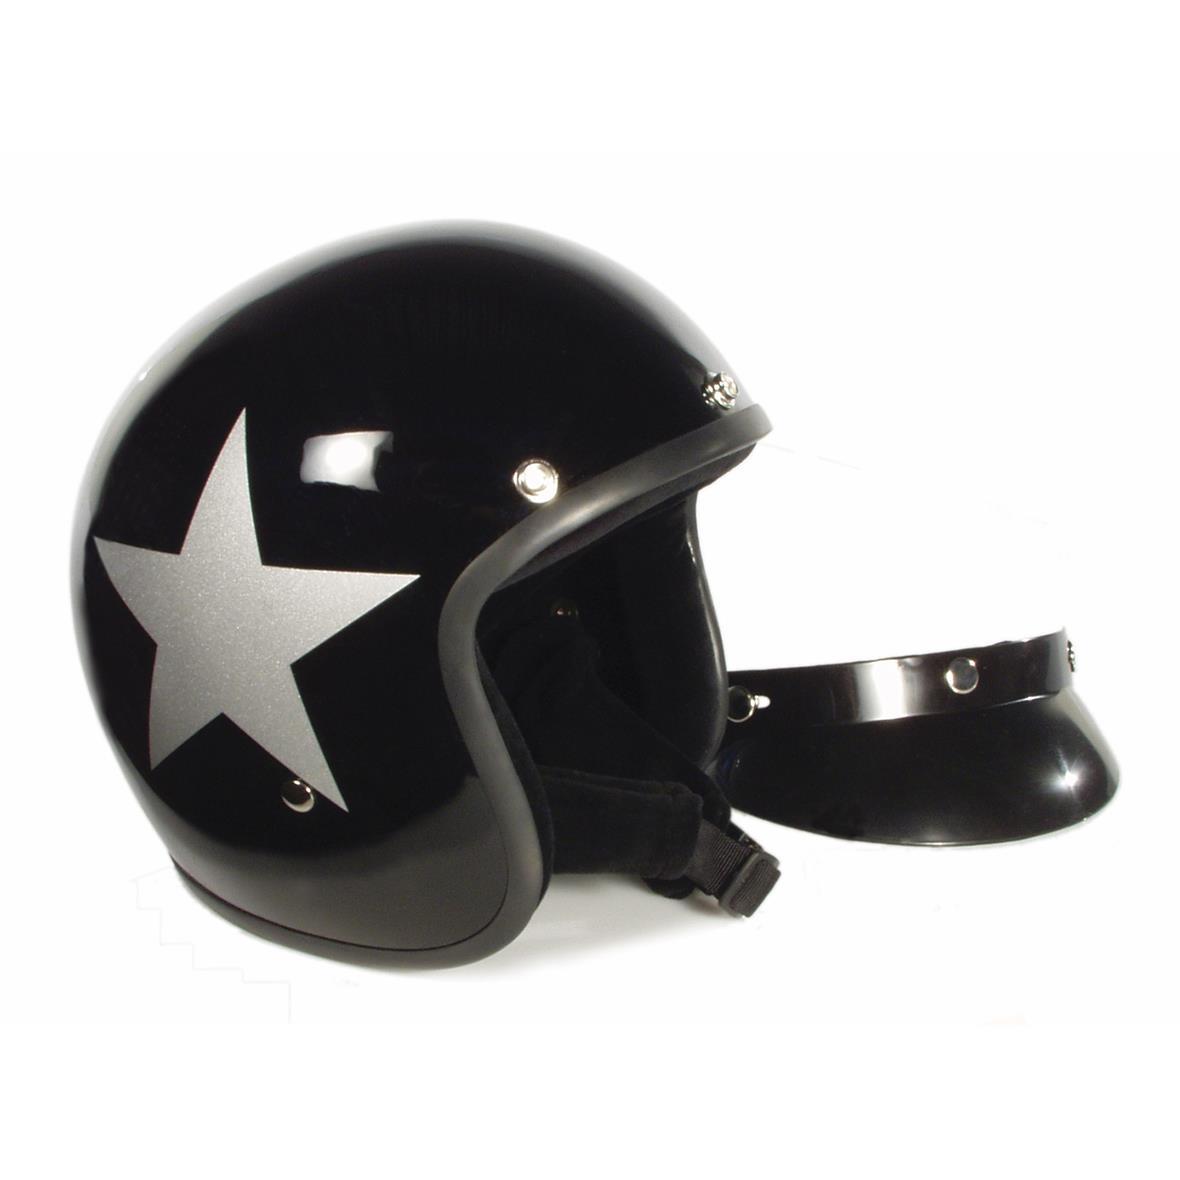 Produktbild für 'Helm BANDIT Jet Star mit silbernem Stern'